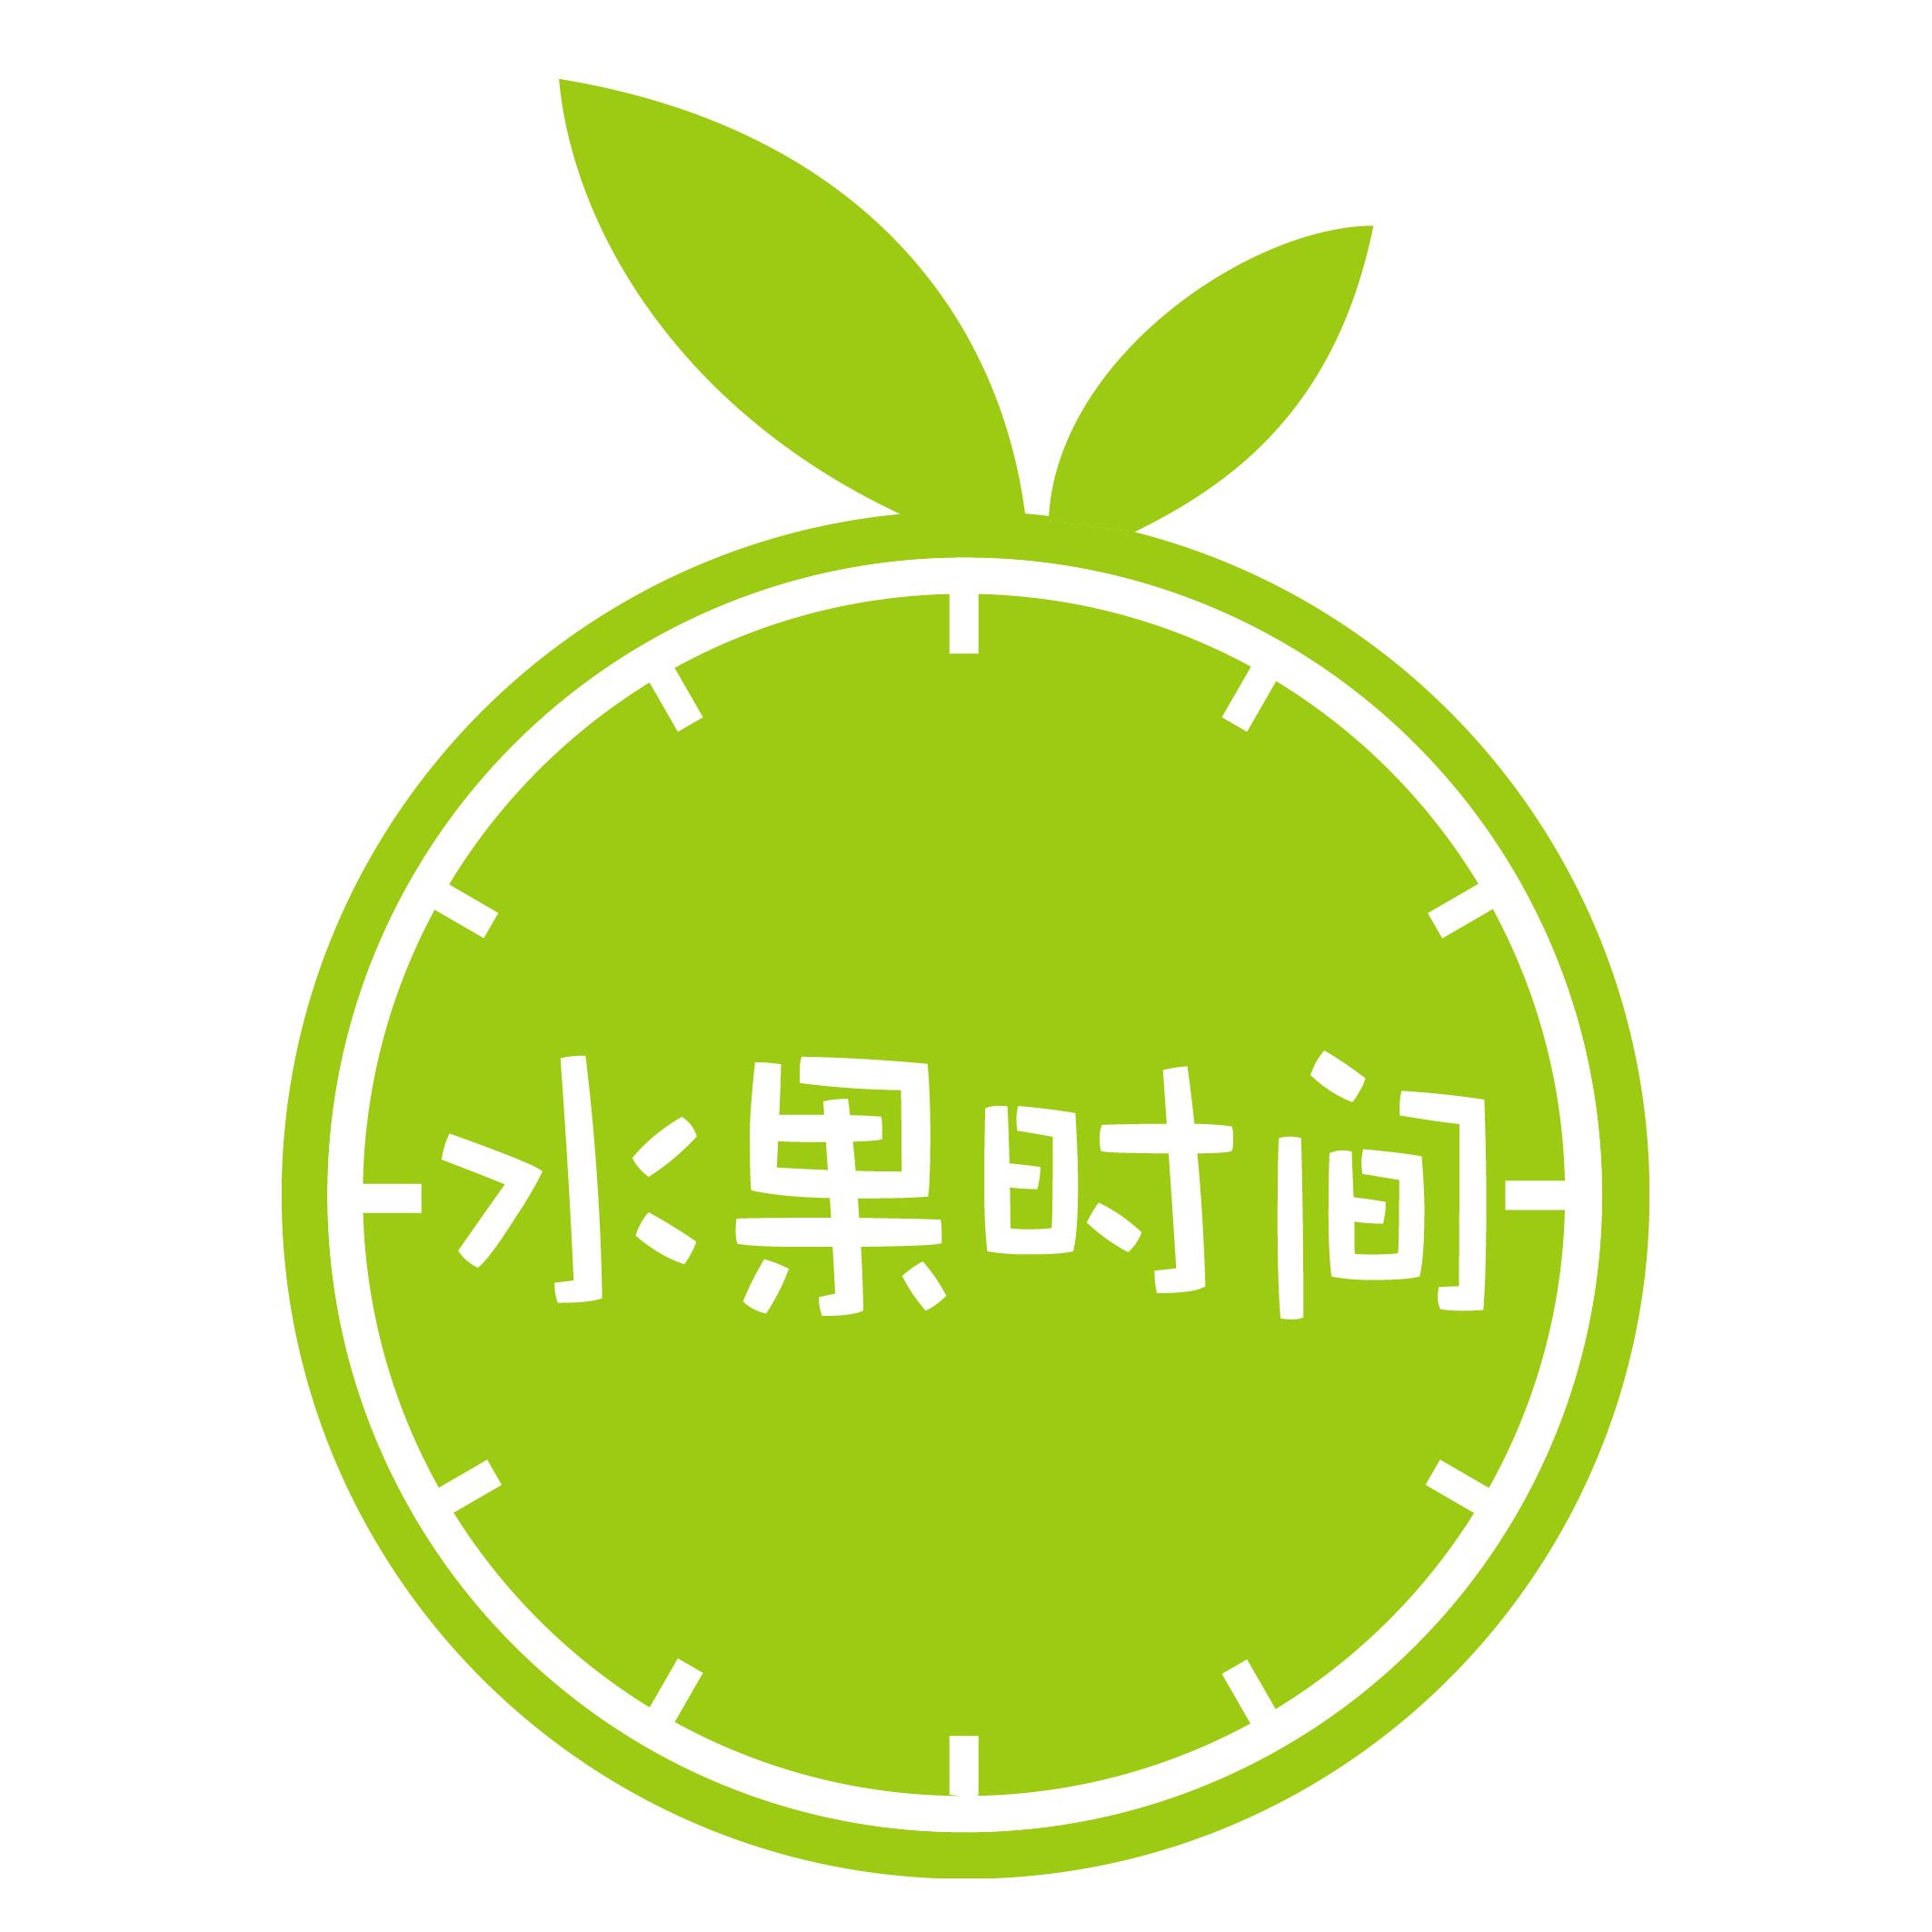 海南风景logo